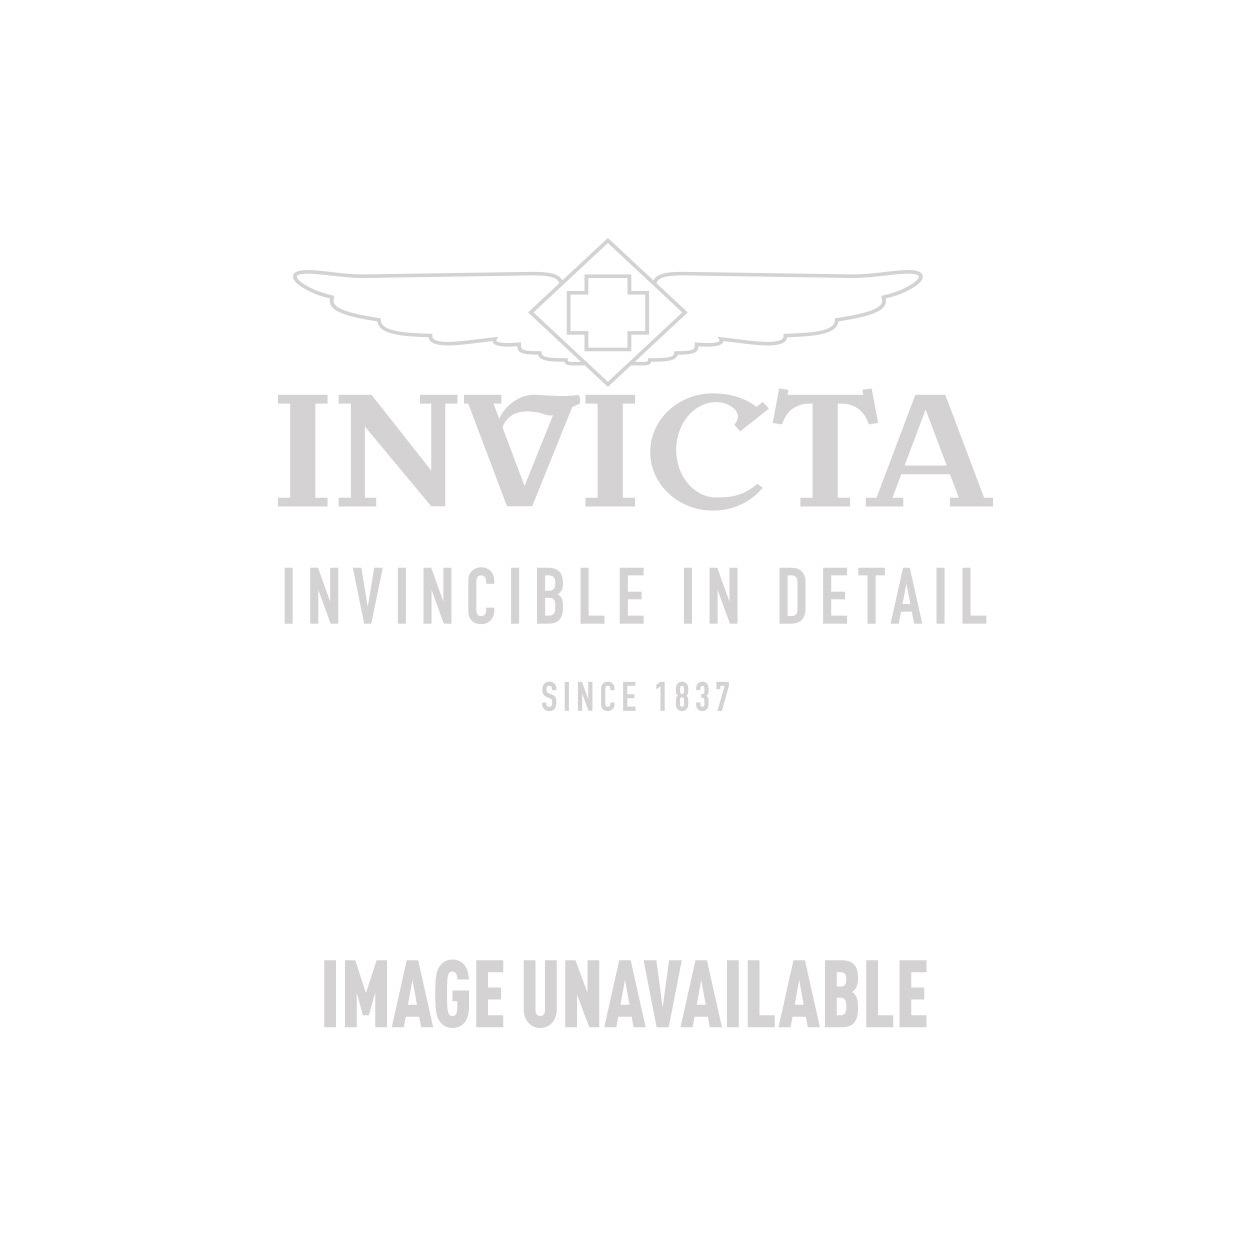 Invicta Model 28794